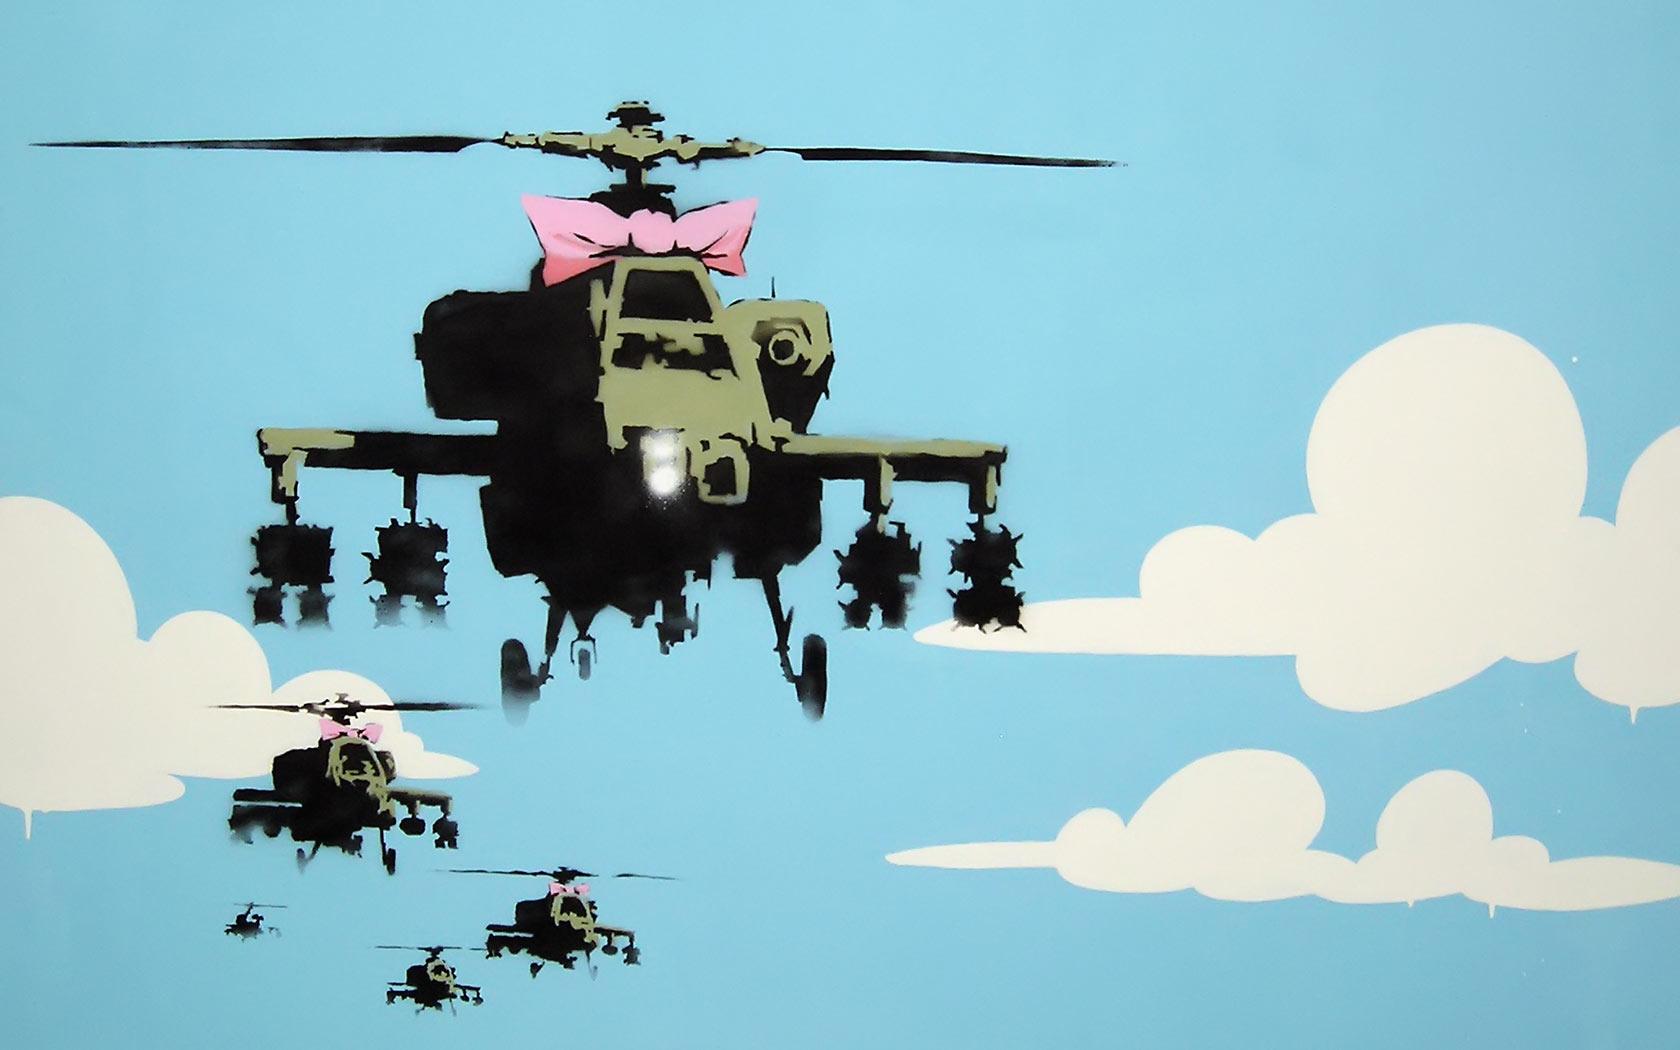 出典http://www.kind.co.jp/shinjuku/files/2013/07/banksy_helicopter_background_39840717.jpg